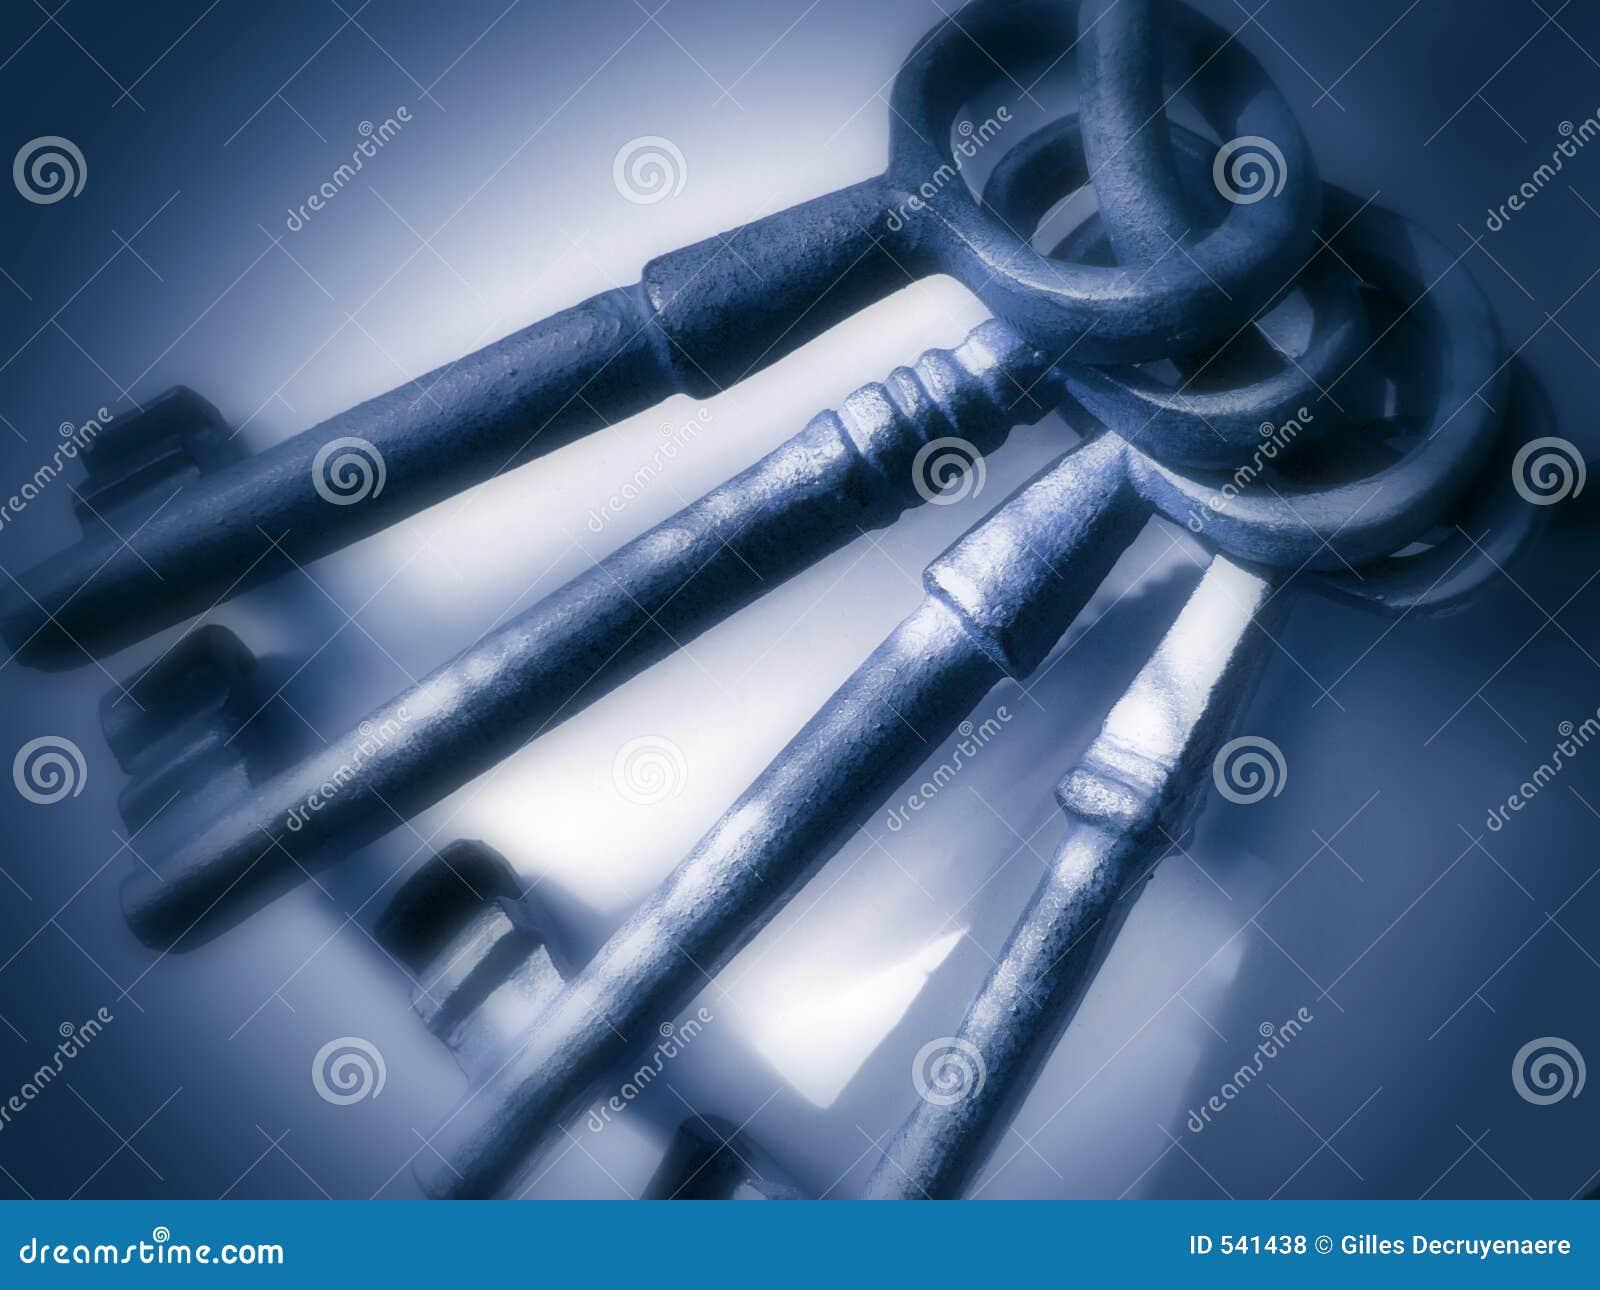 Download 古色古香的蓝色关键字 库存照片. 图片 包括有 锁定, 分娩, 弄脏, 区域, 空缺数目, 工具, 蓝蓝, 释放 - 541438